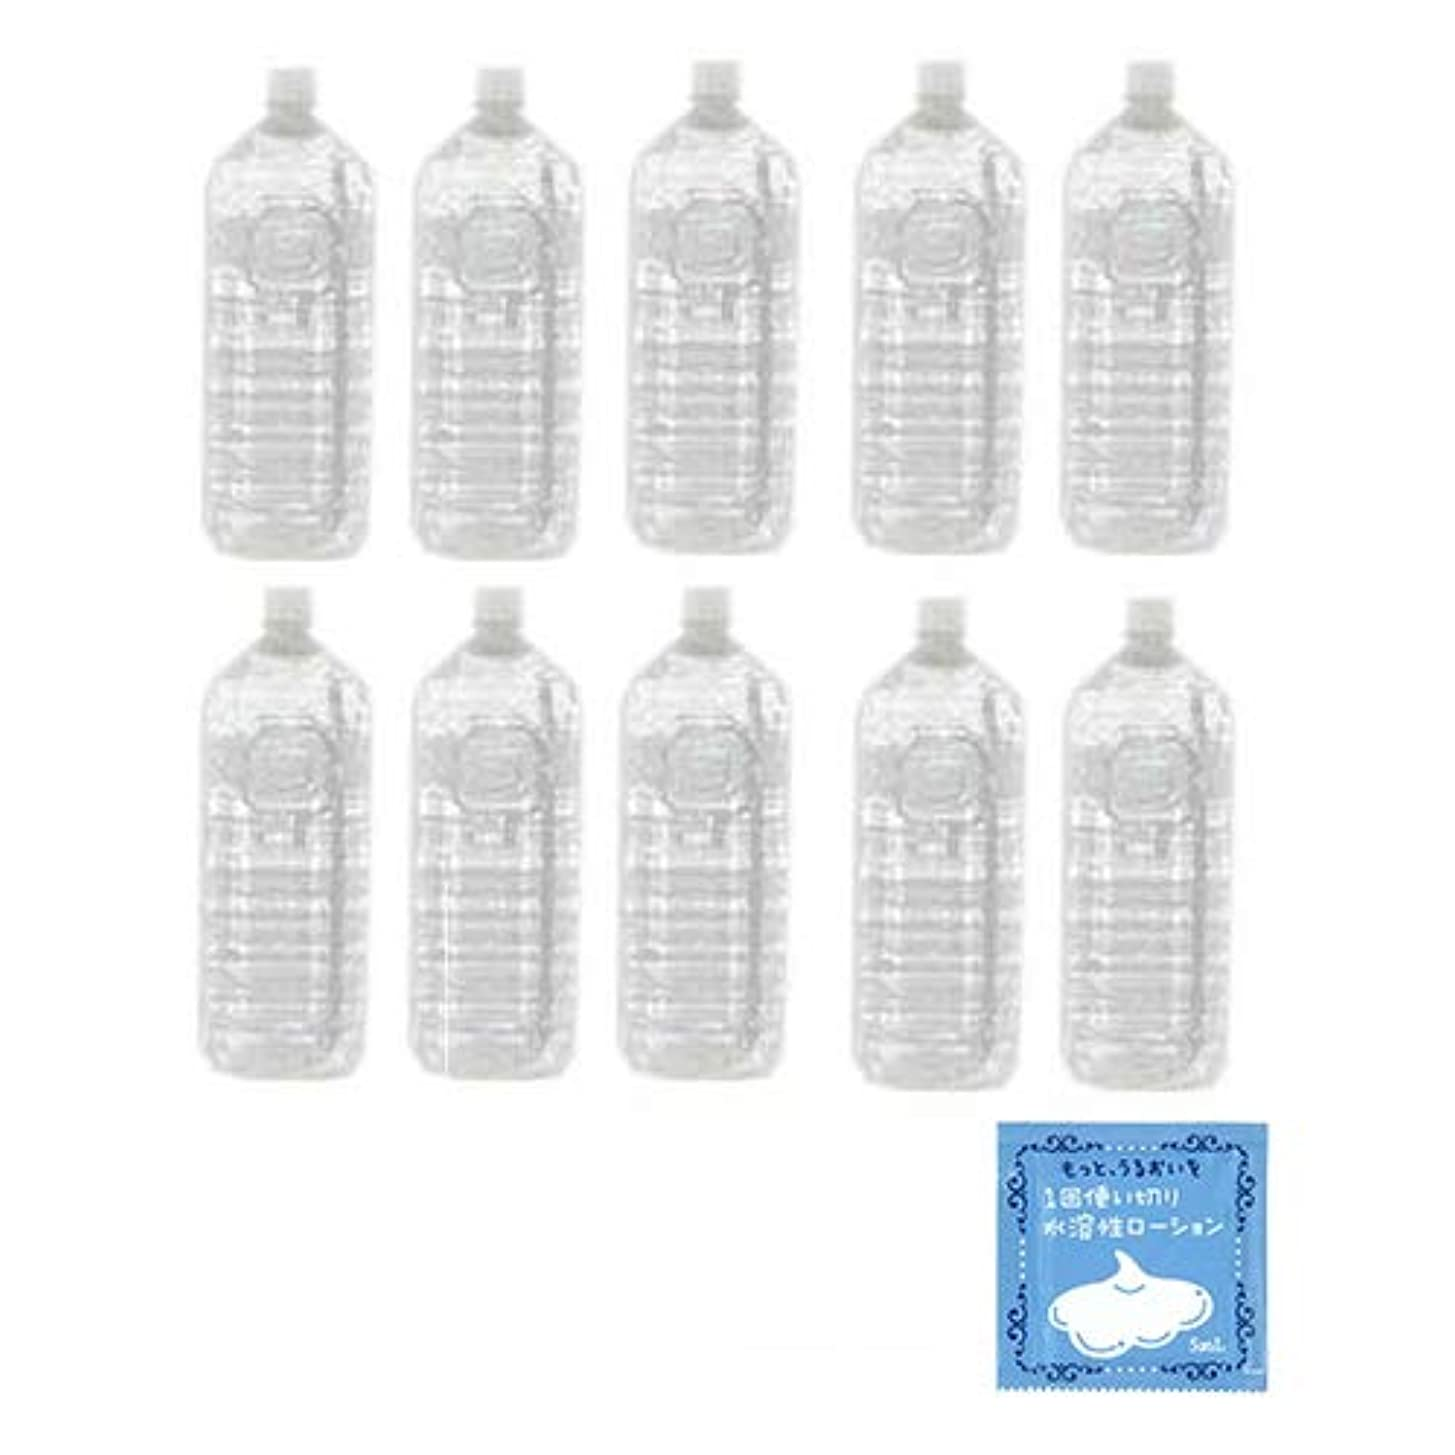 戸棚アストロラーベ緩めるクリアローション 2Lペットボトル ハードタイプ(5倍濃縮原液) × 10本セット+ 1回使い切り水溶性潤滑ローション